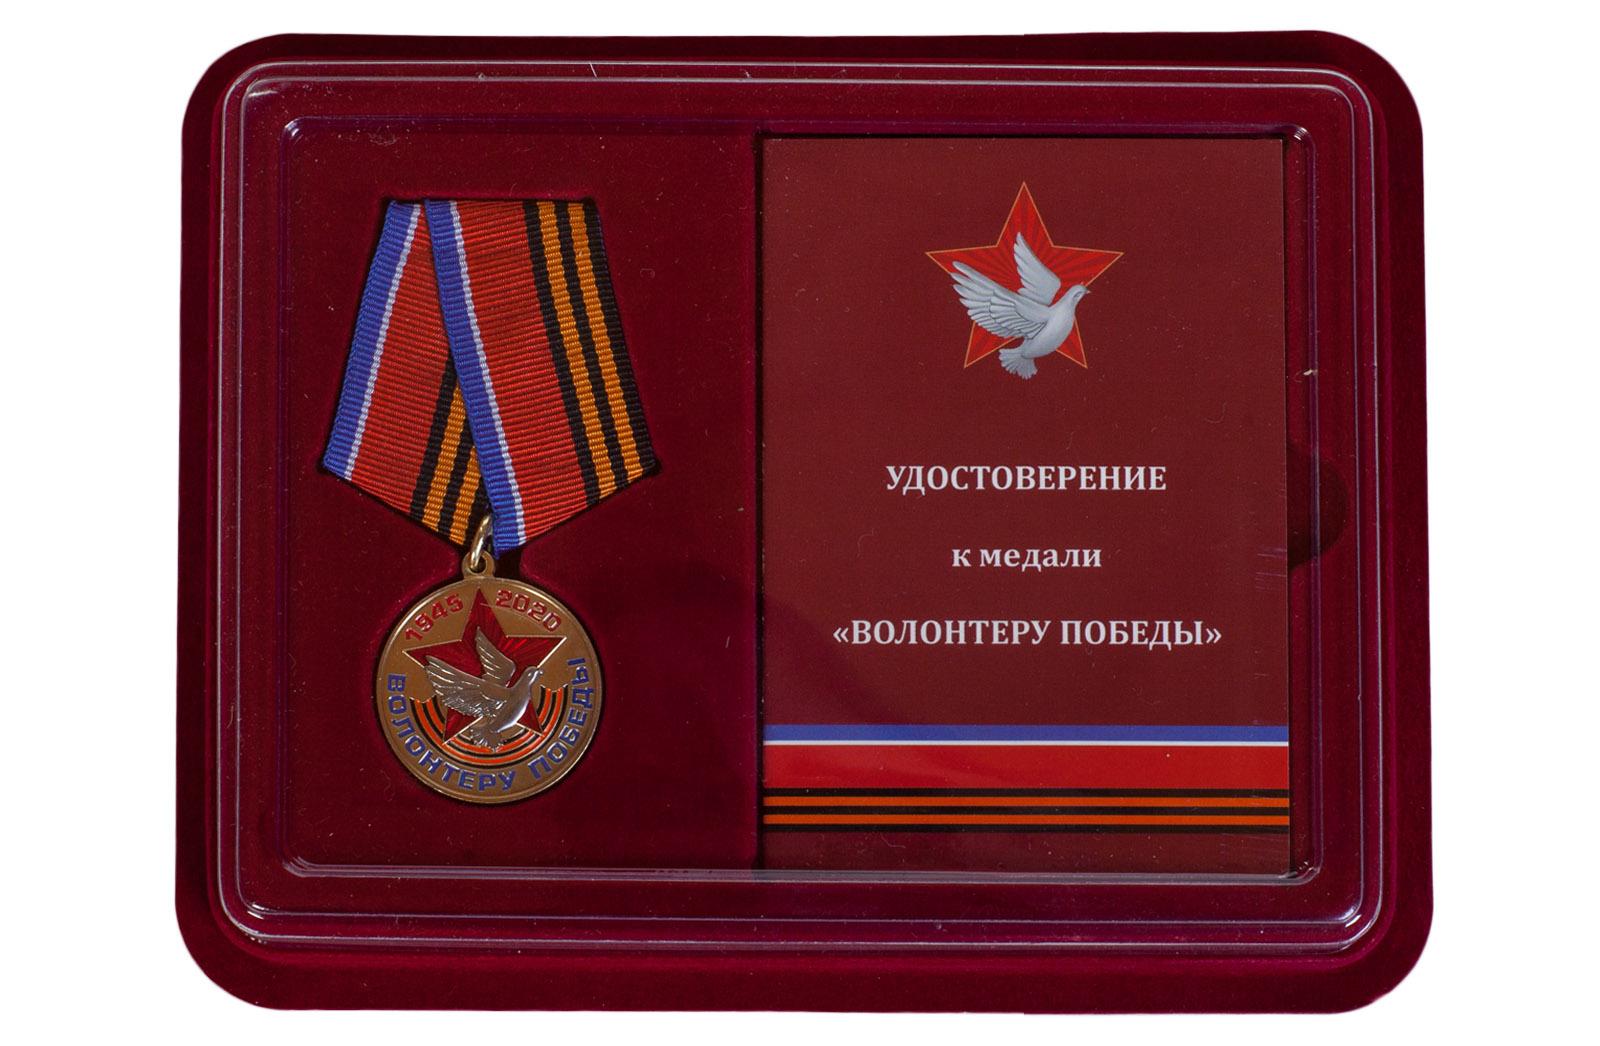 Купить латунную медаль Волонтеру Победы в футляре по лучшей цене